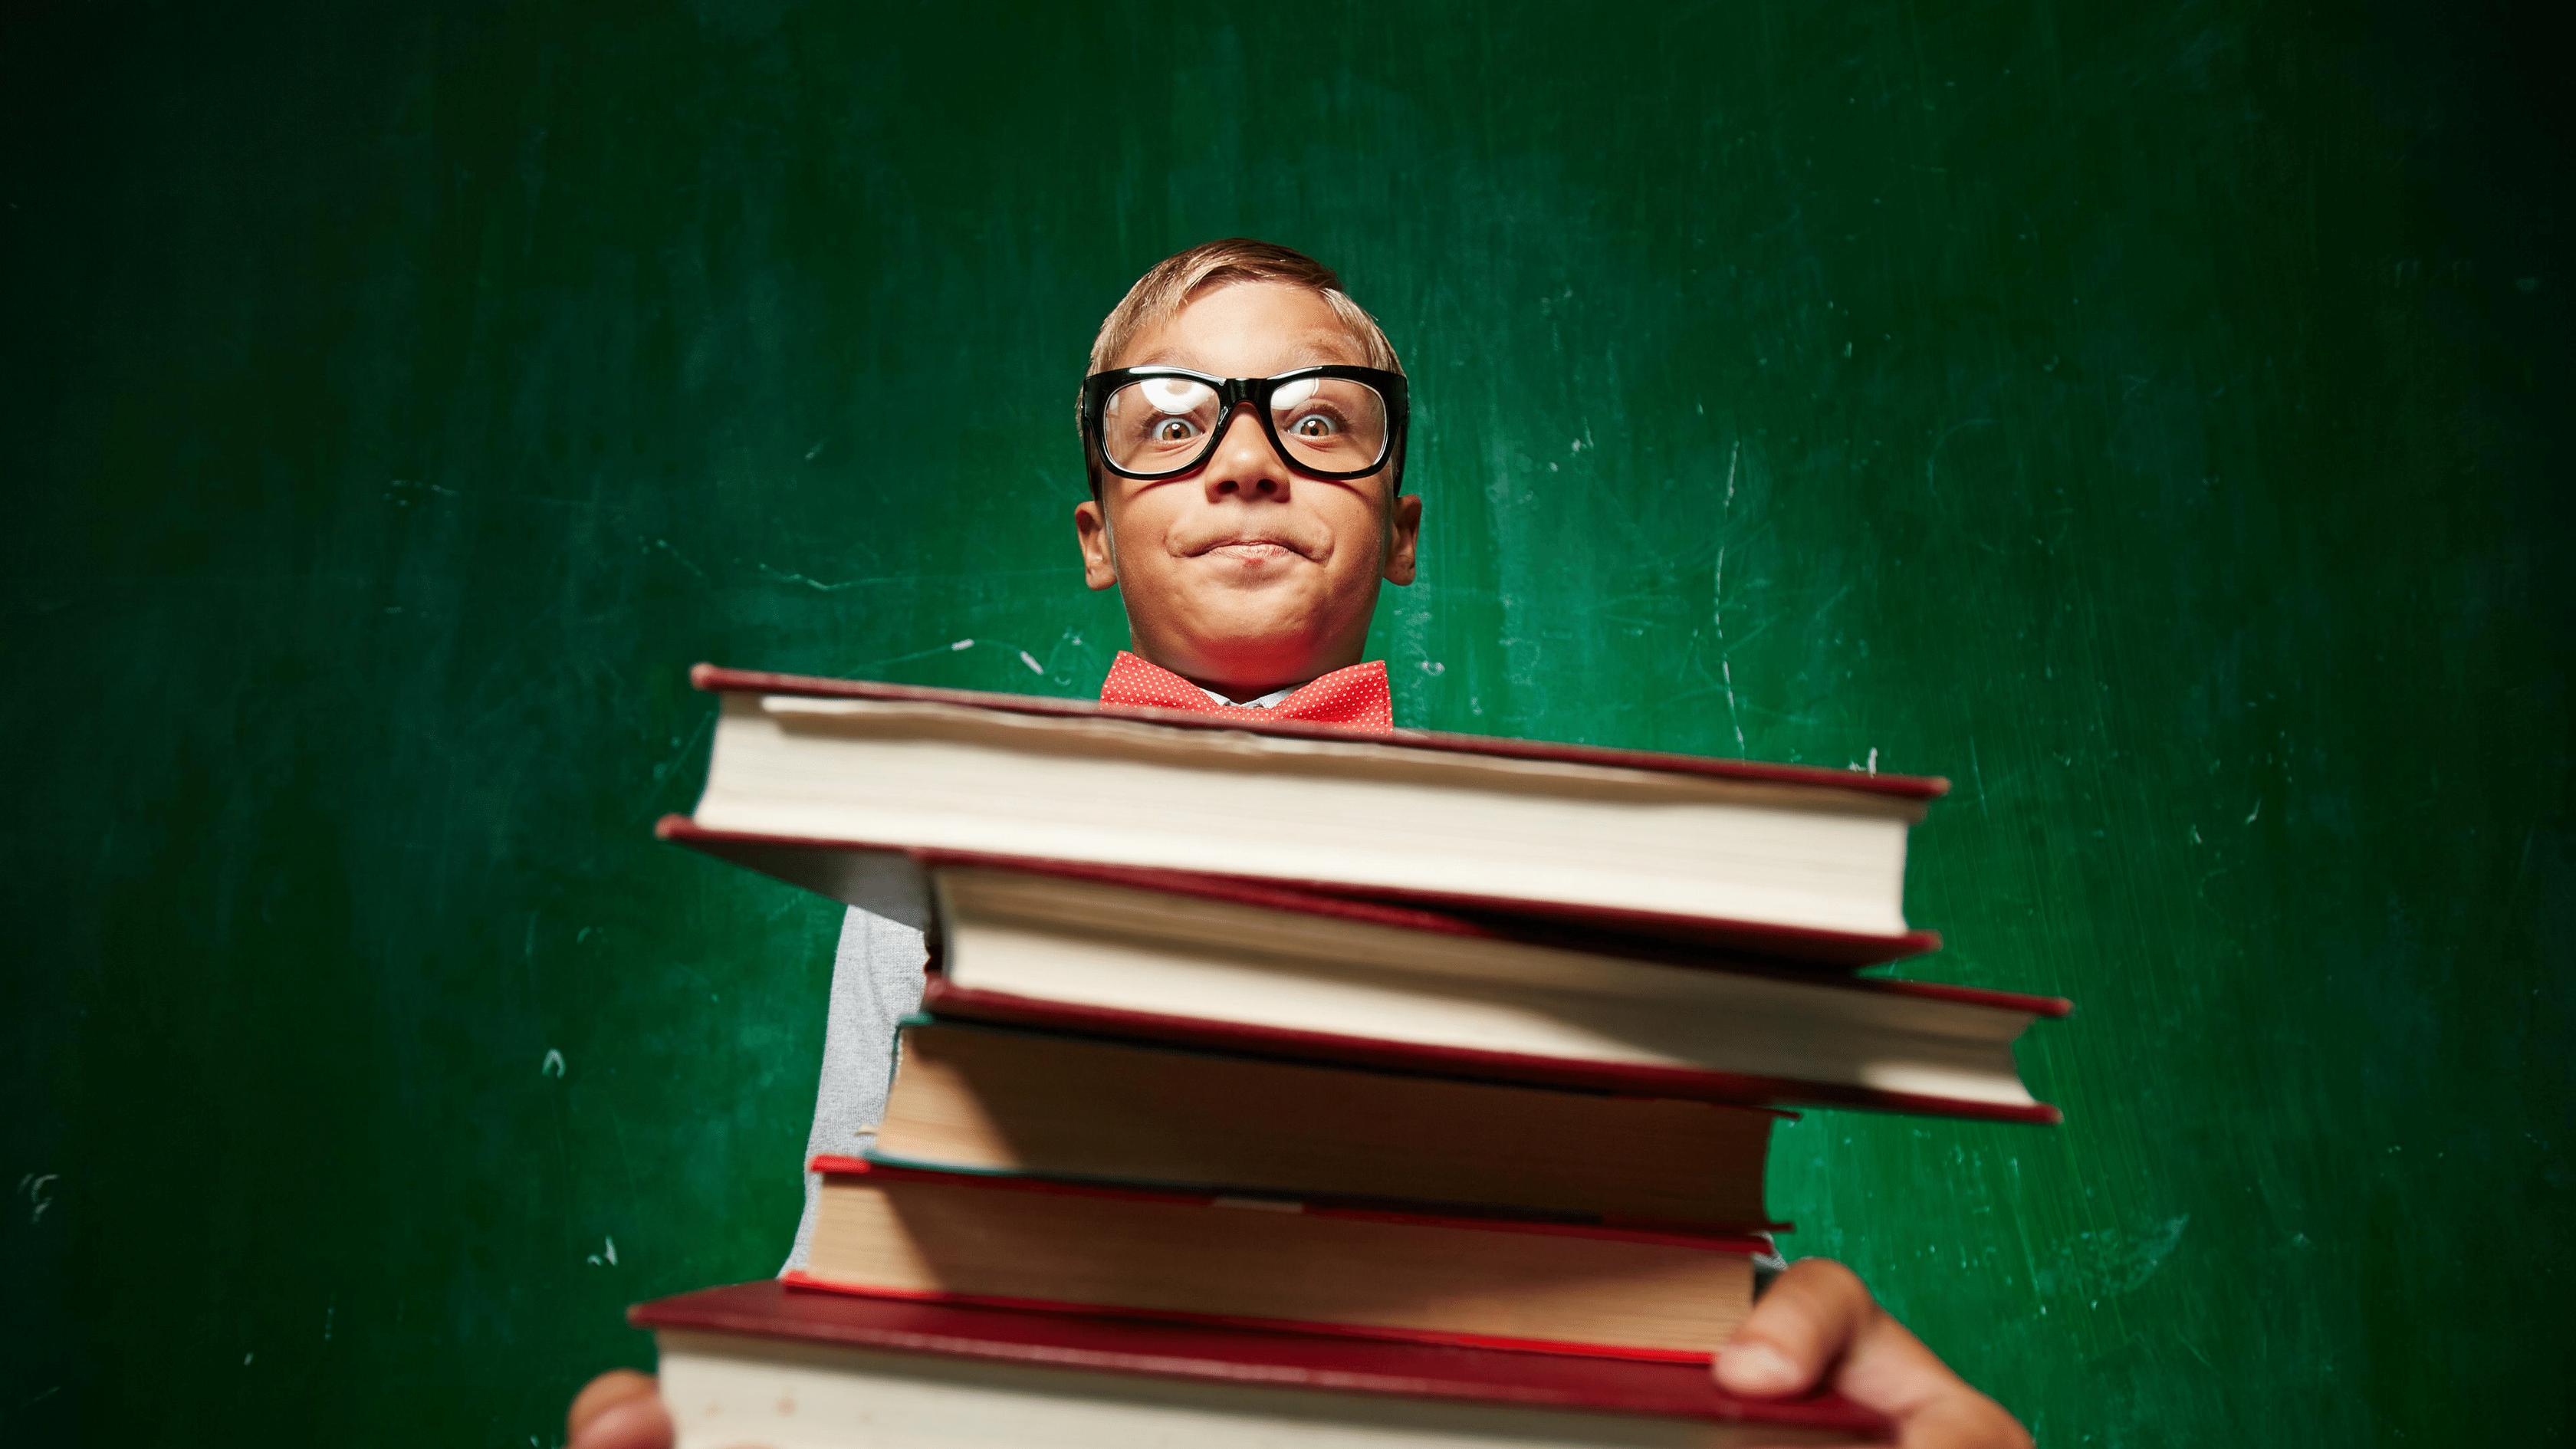 apprendre-avec-flatchr-academie